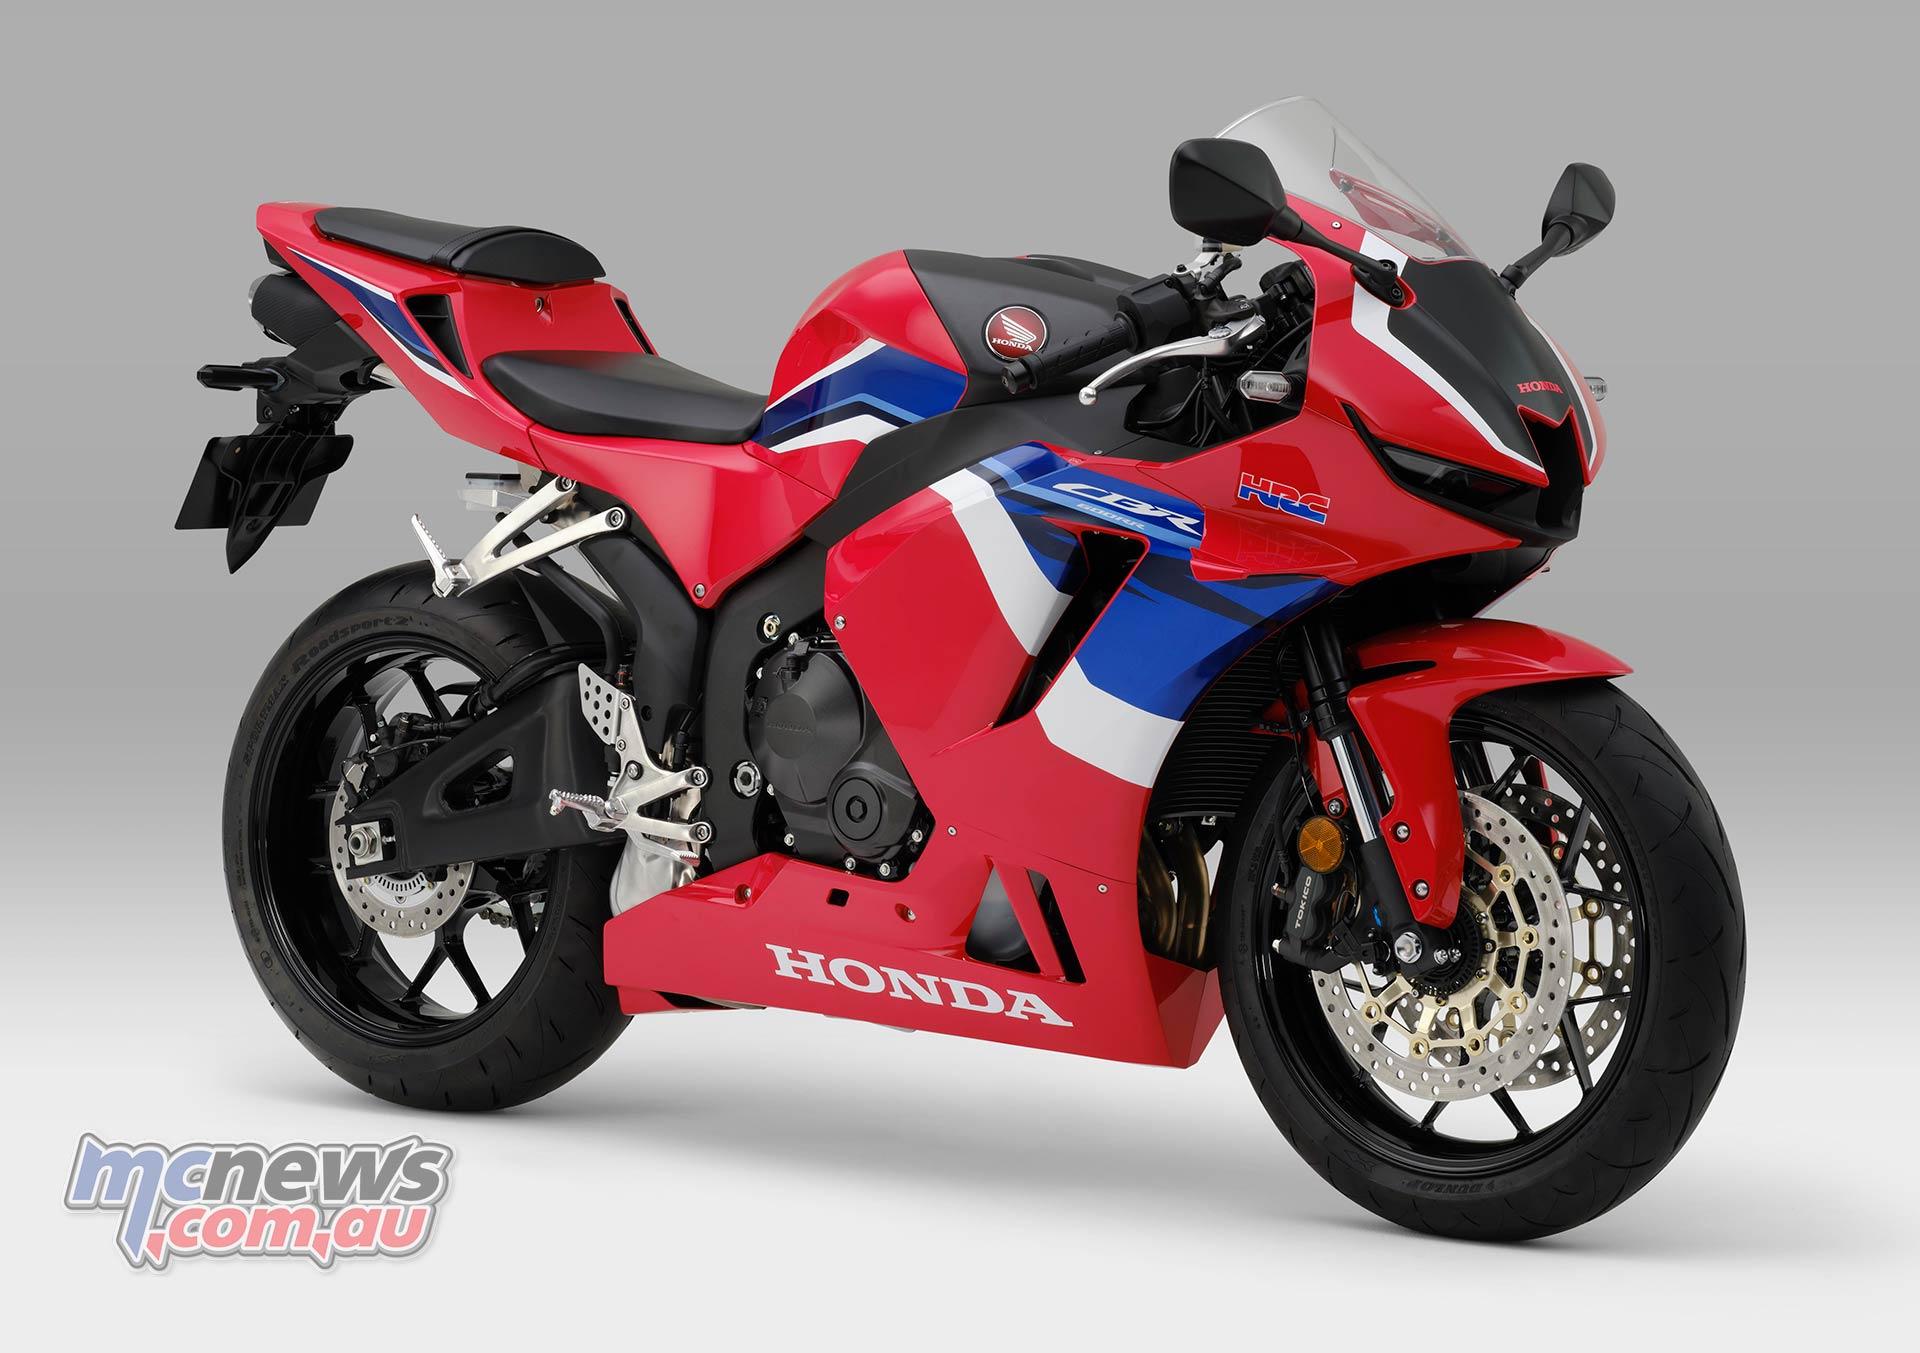 2021 honda cbr600rr full reveal | motorcycle news, sport